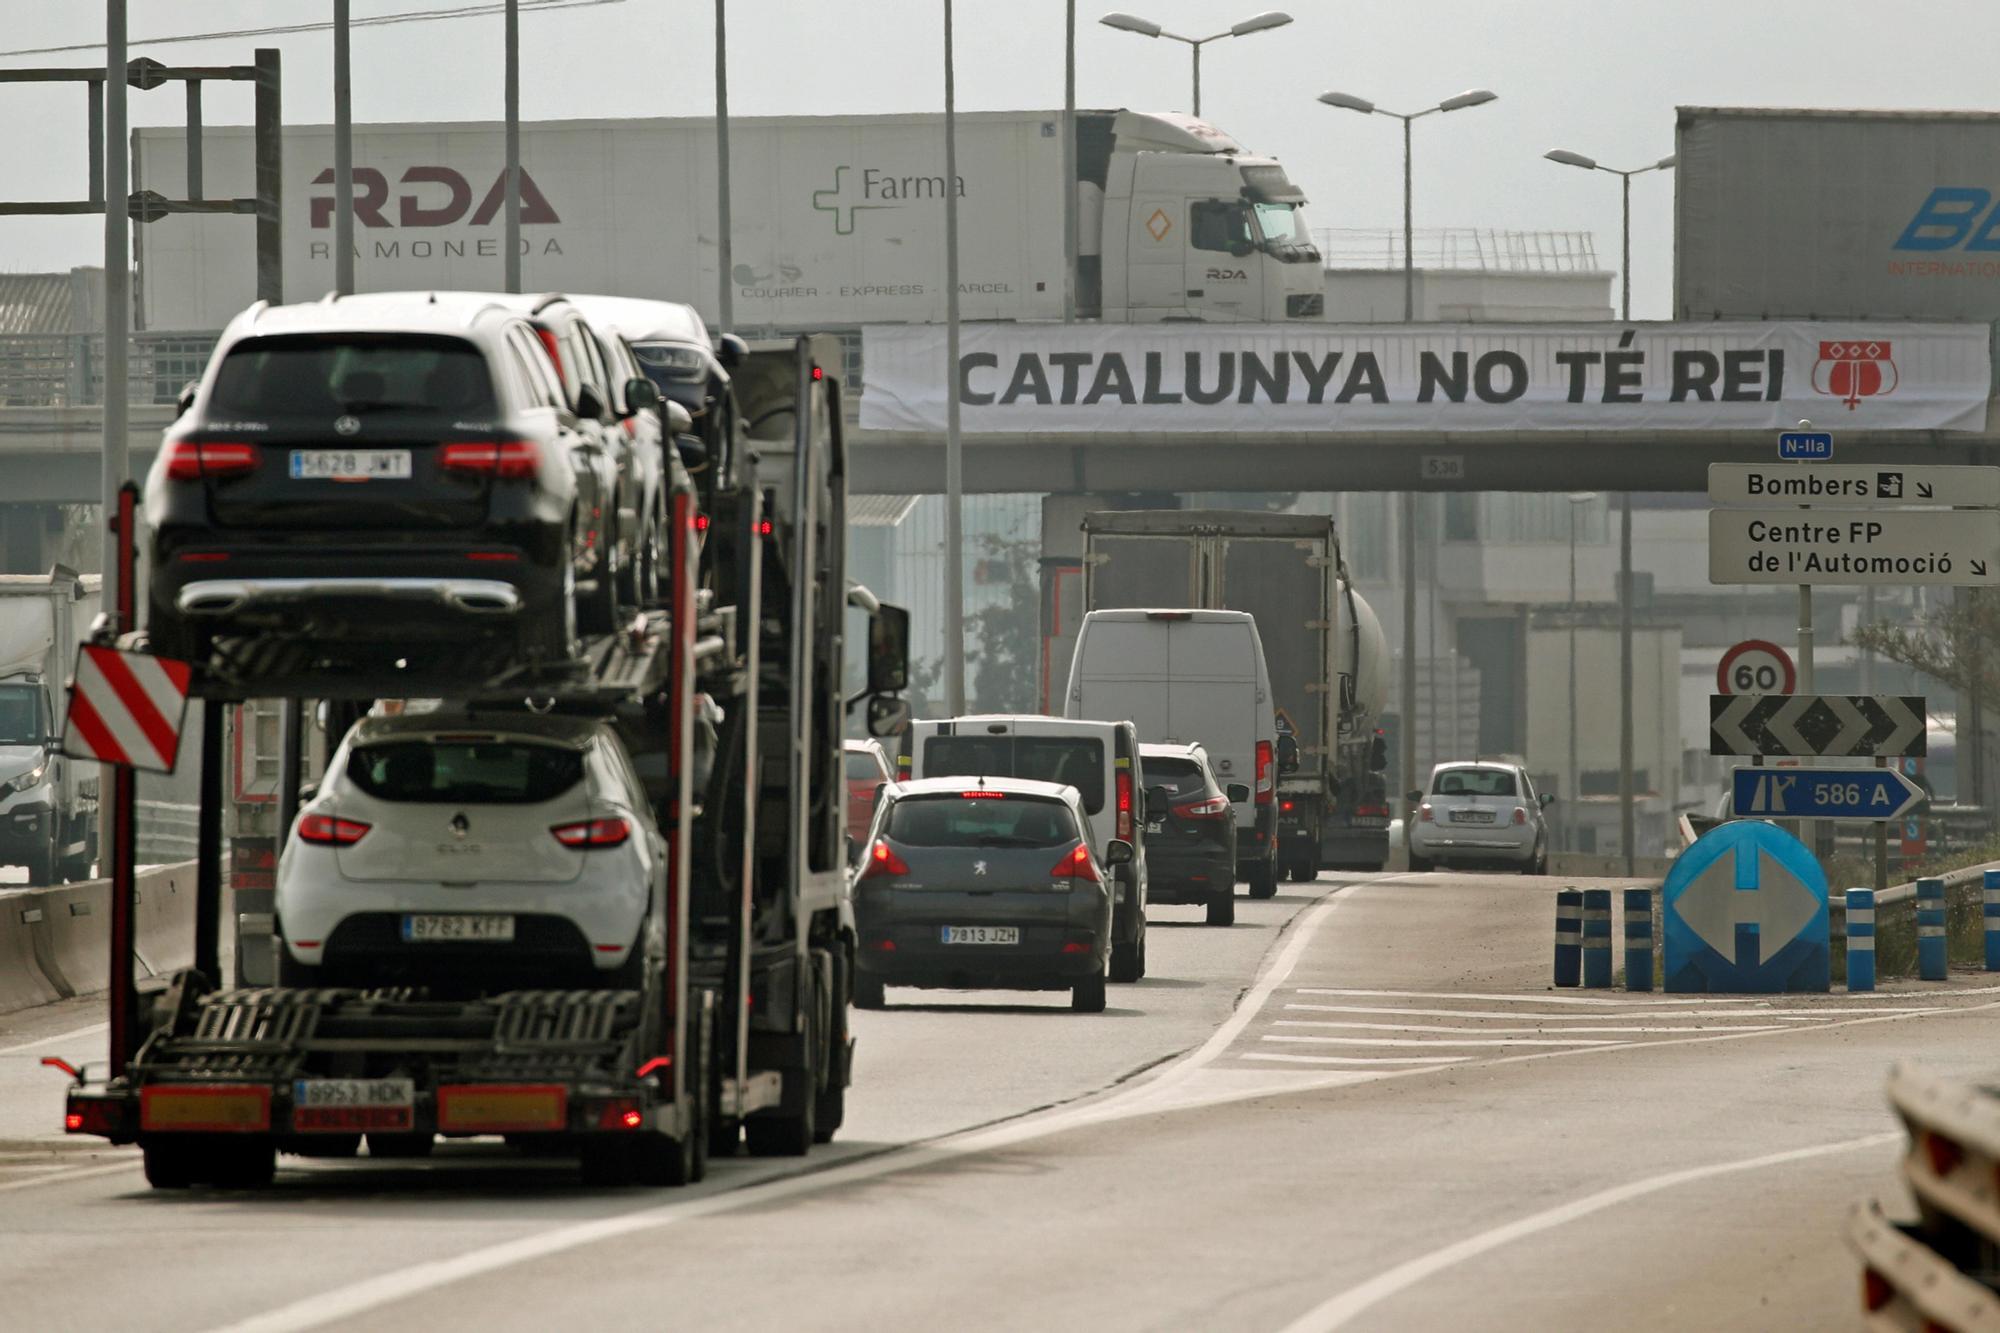 Protestas en Cataluña durante la visita del Rey y Sánchez a la planta de Seat en Martorell